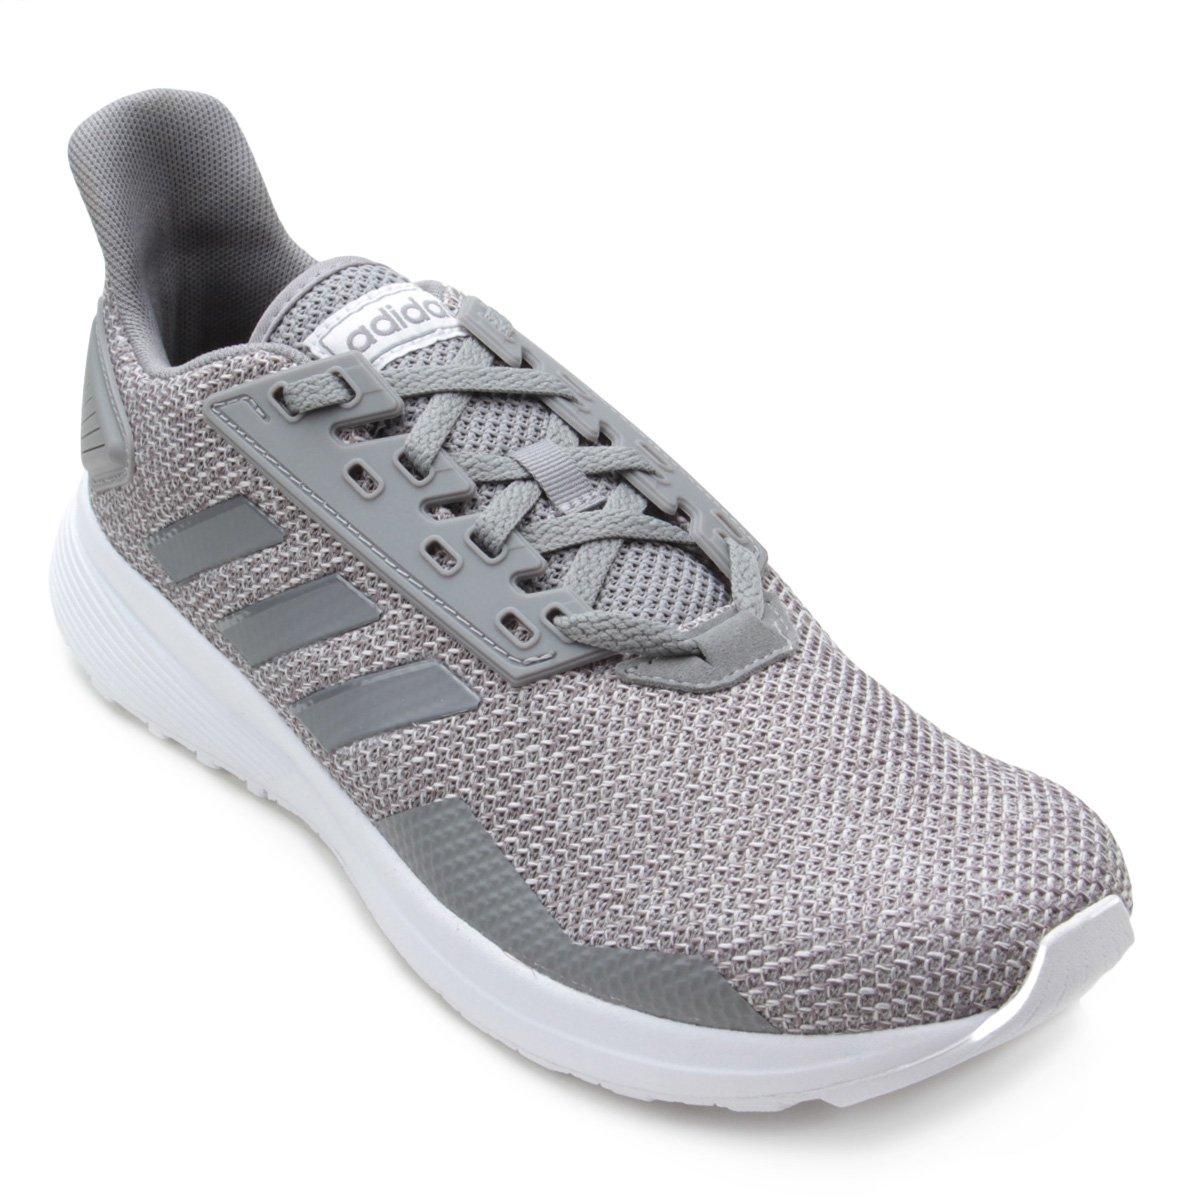 7750e218c72 Tênis Adidas Duramo 9 Masculino - Cinza - Compre Agora